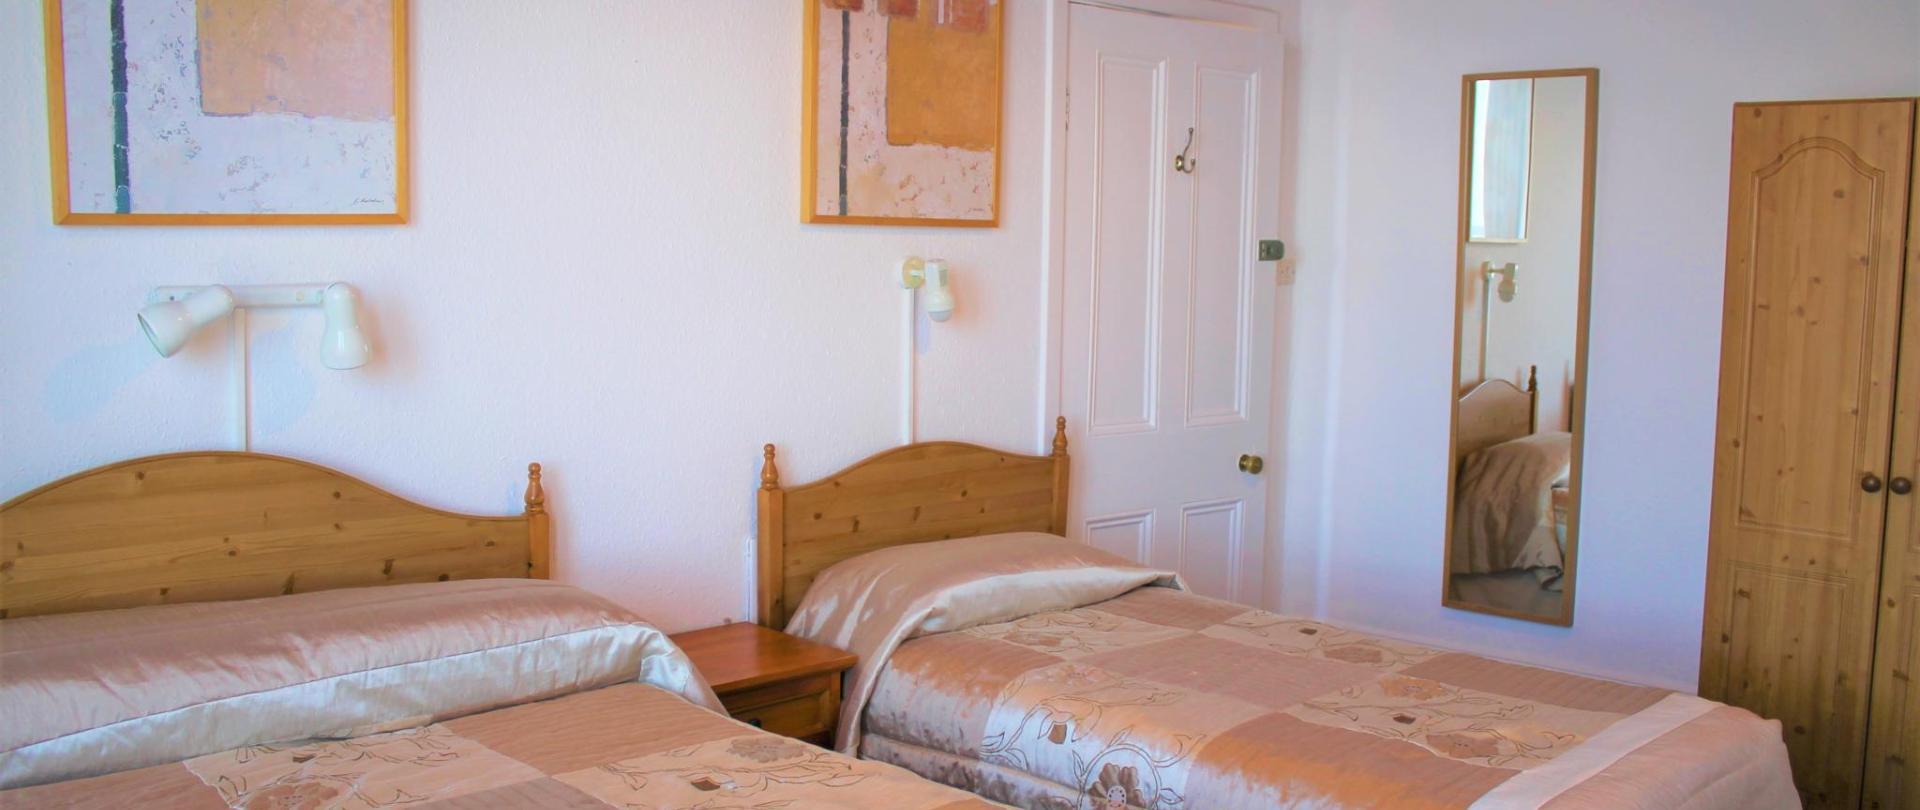 Ferry House Bed & Breakfast